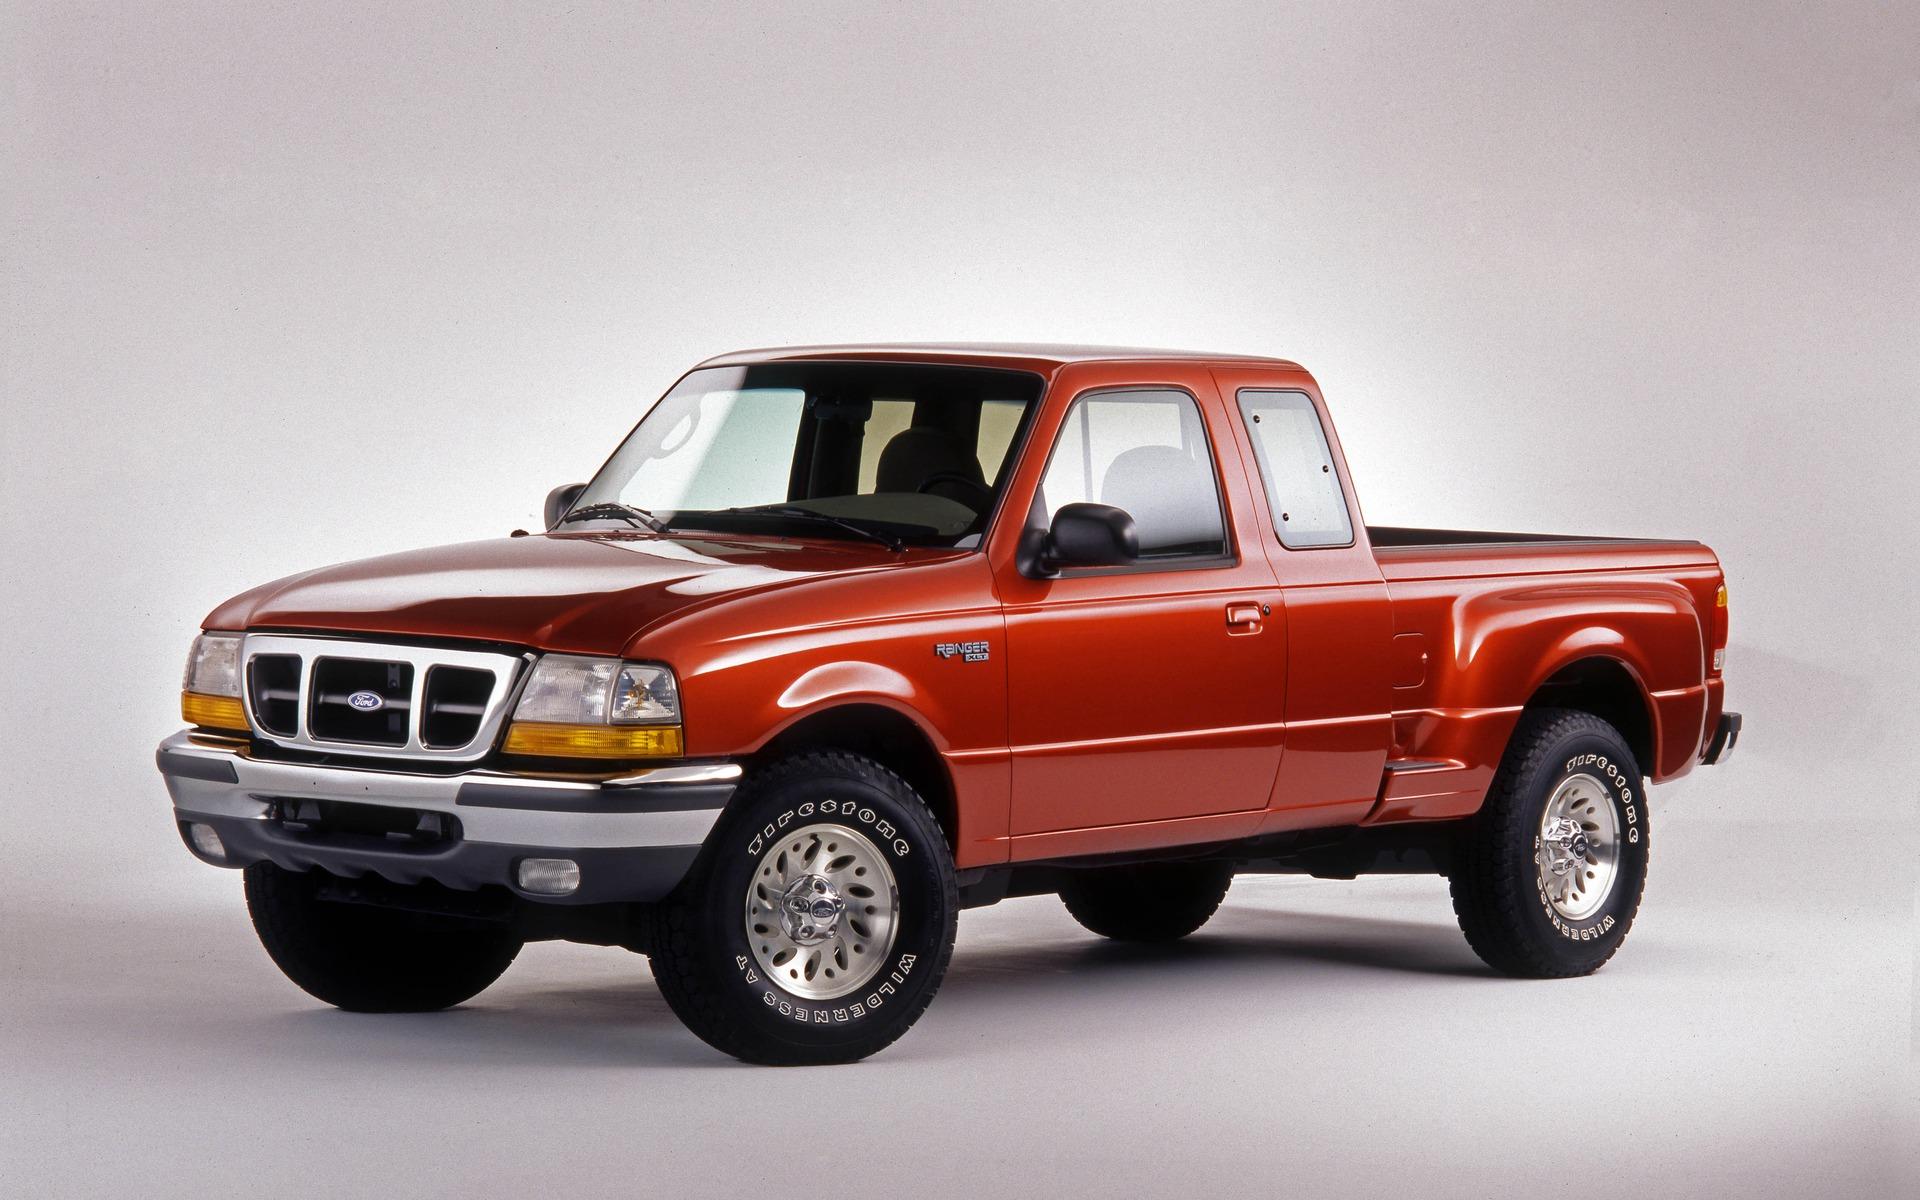 <p>1998 Ford Ranger XLT</p>